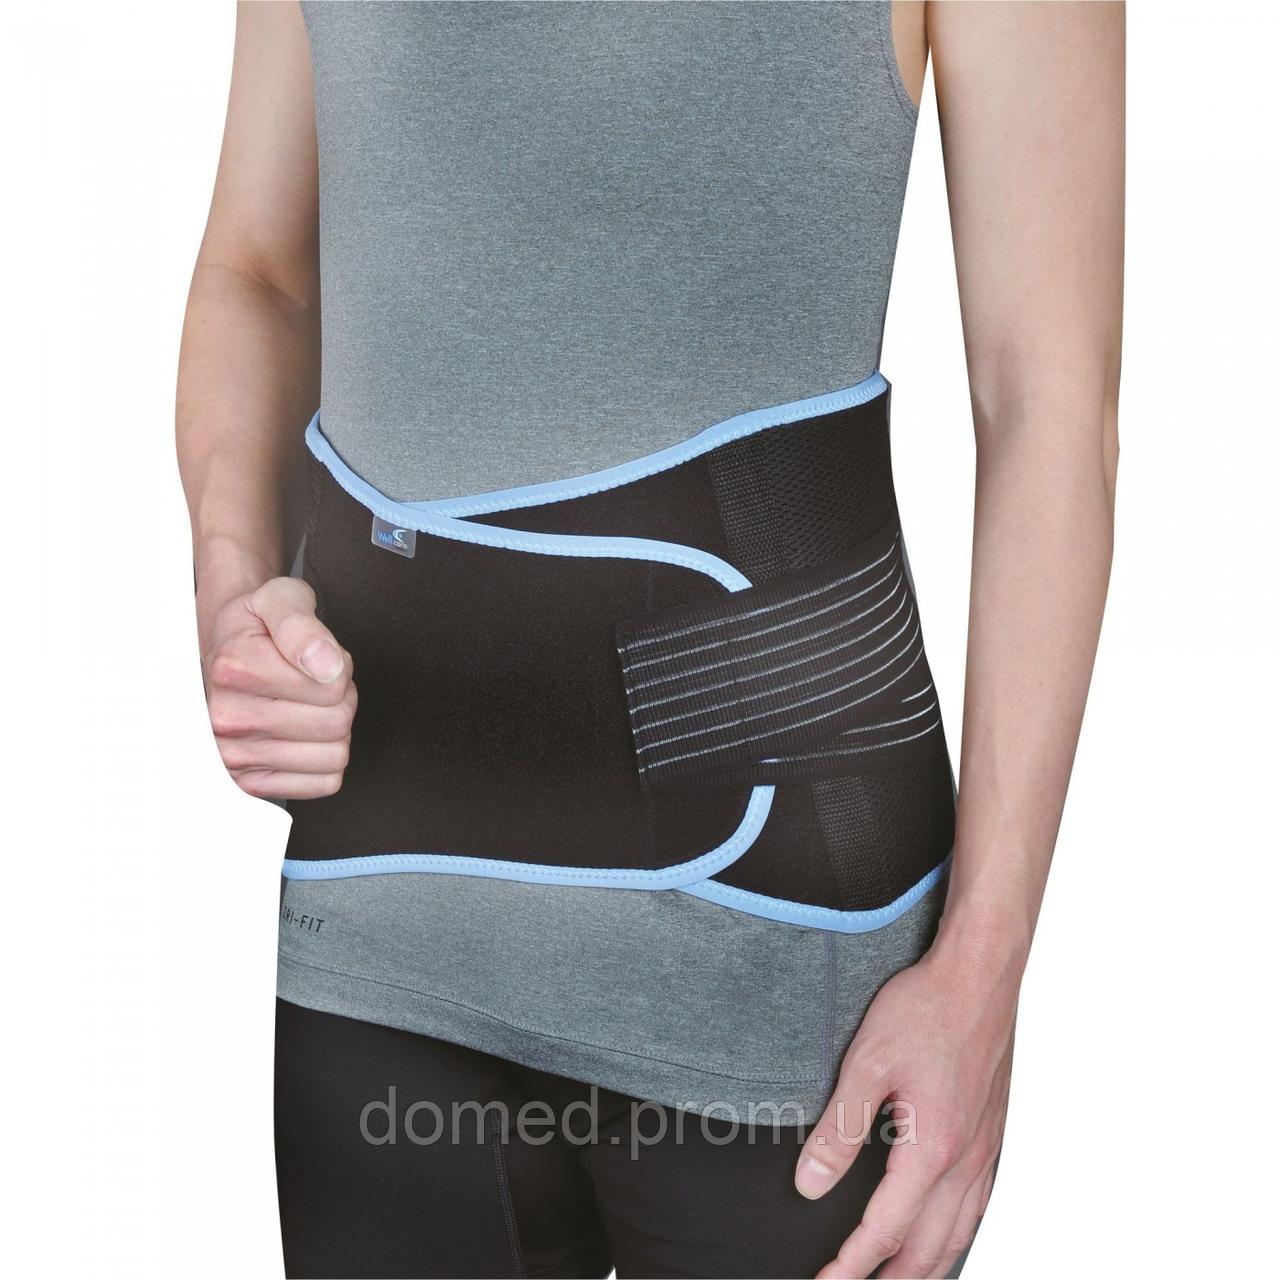 Бандаж для поясницы со стабилизирующими ребрами жесткости Wellcare 23014